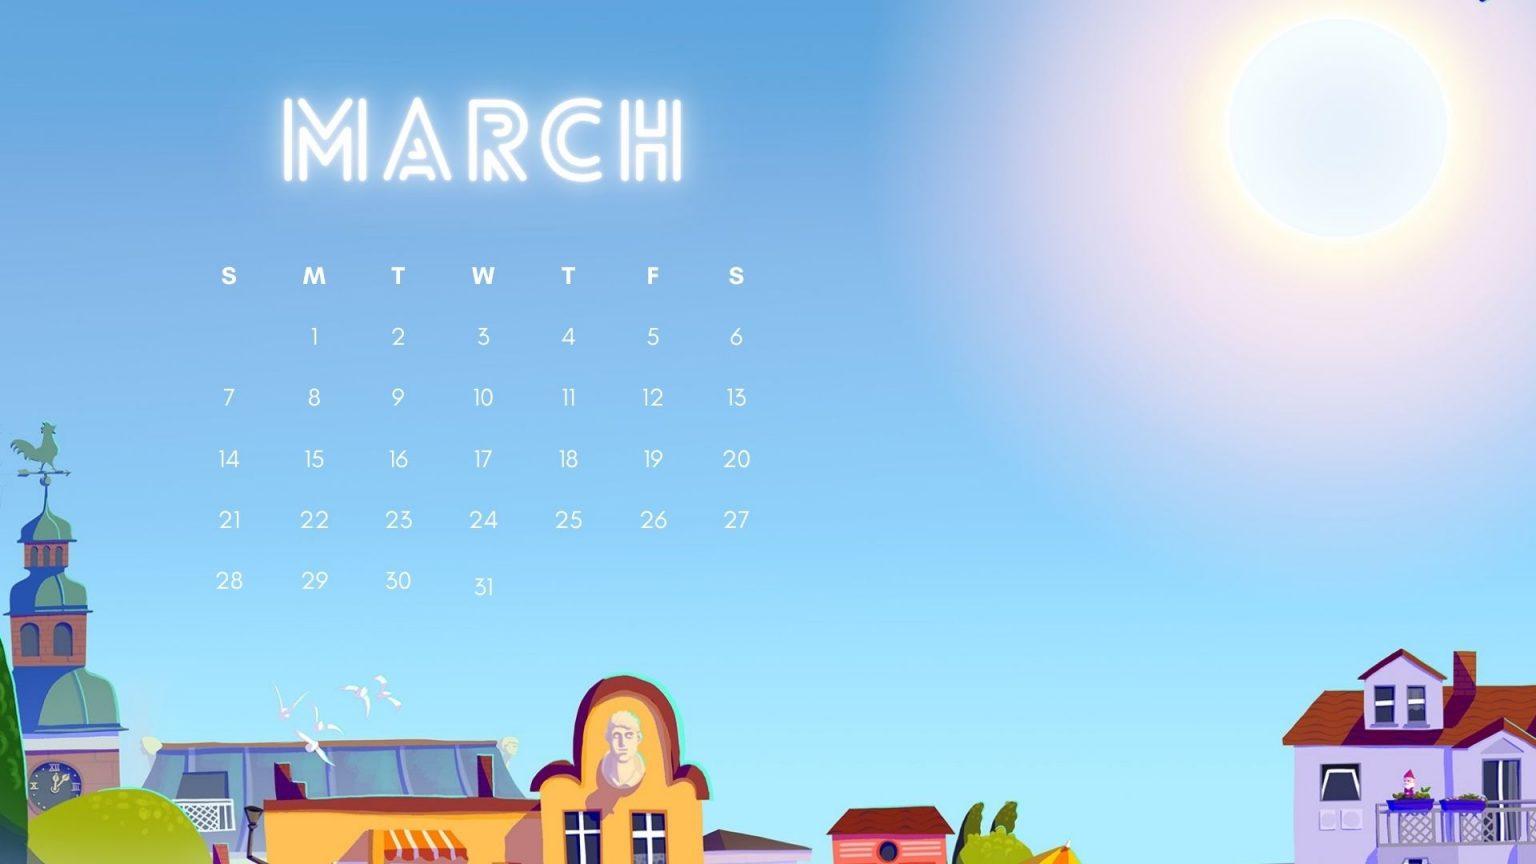 March 2021 Calendar Desktop Wallpaper